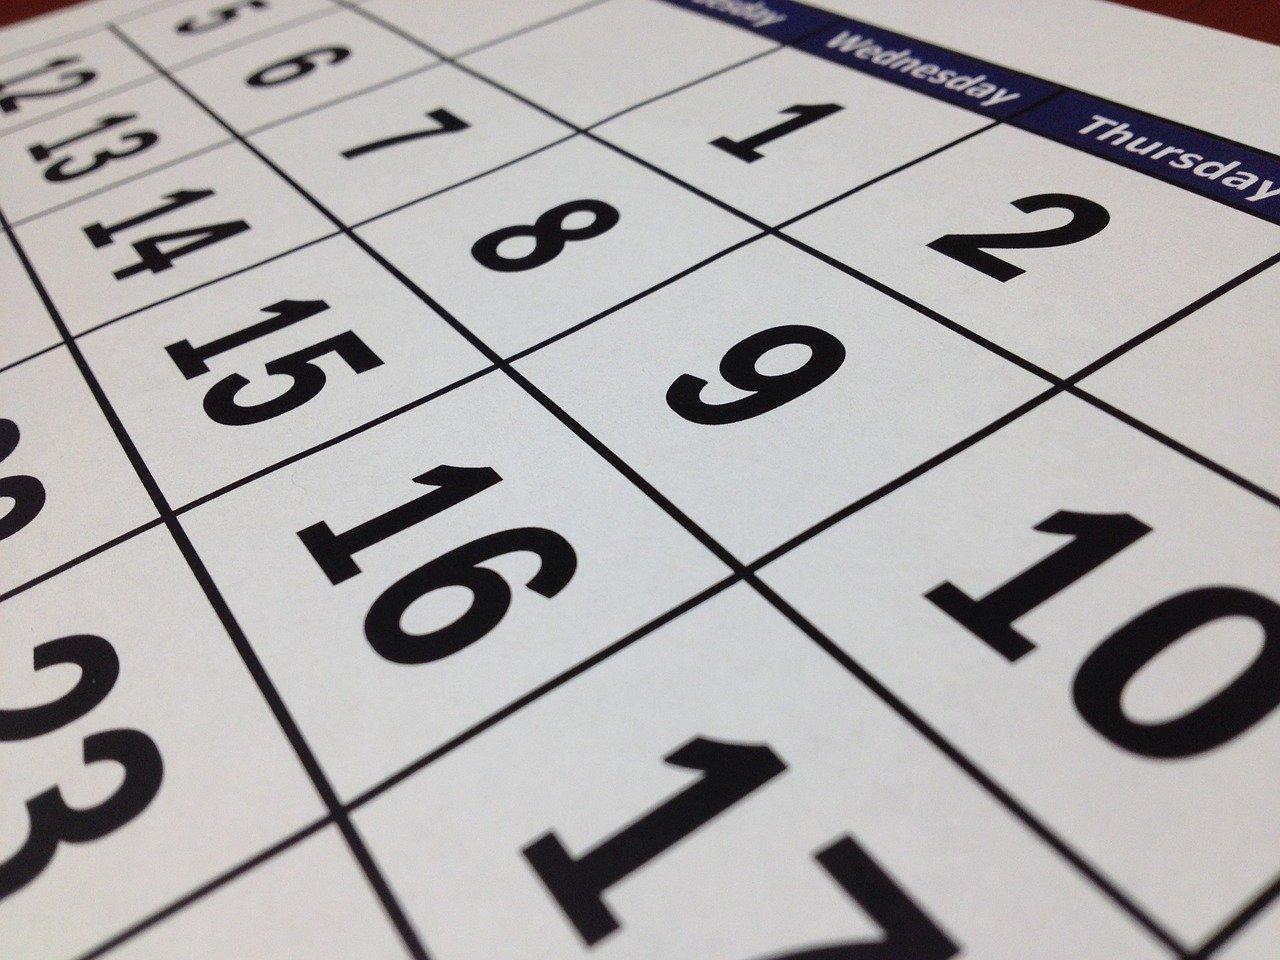 「雑節」それは、季節の移り変わりを把握するのに欠かせない暦日